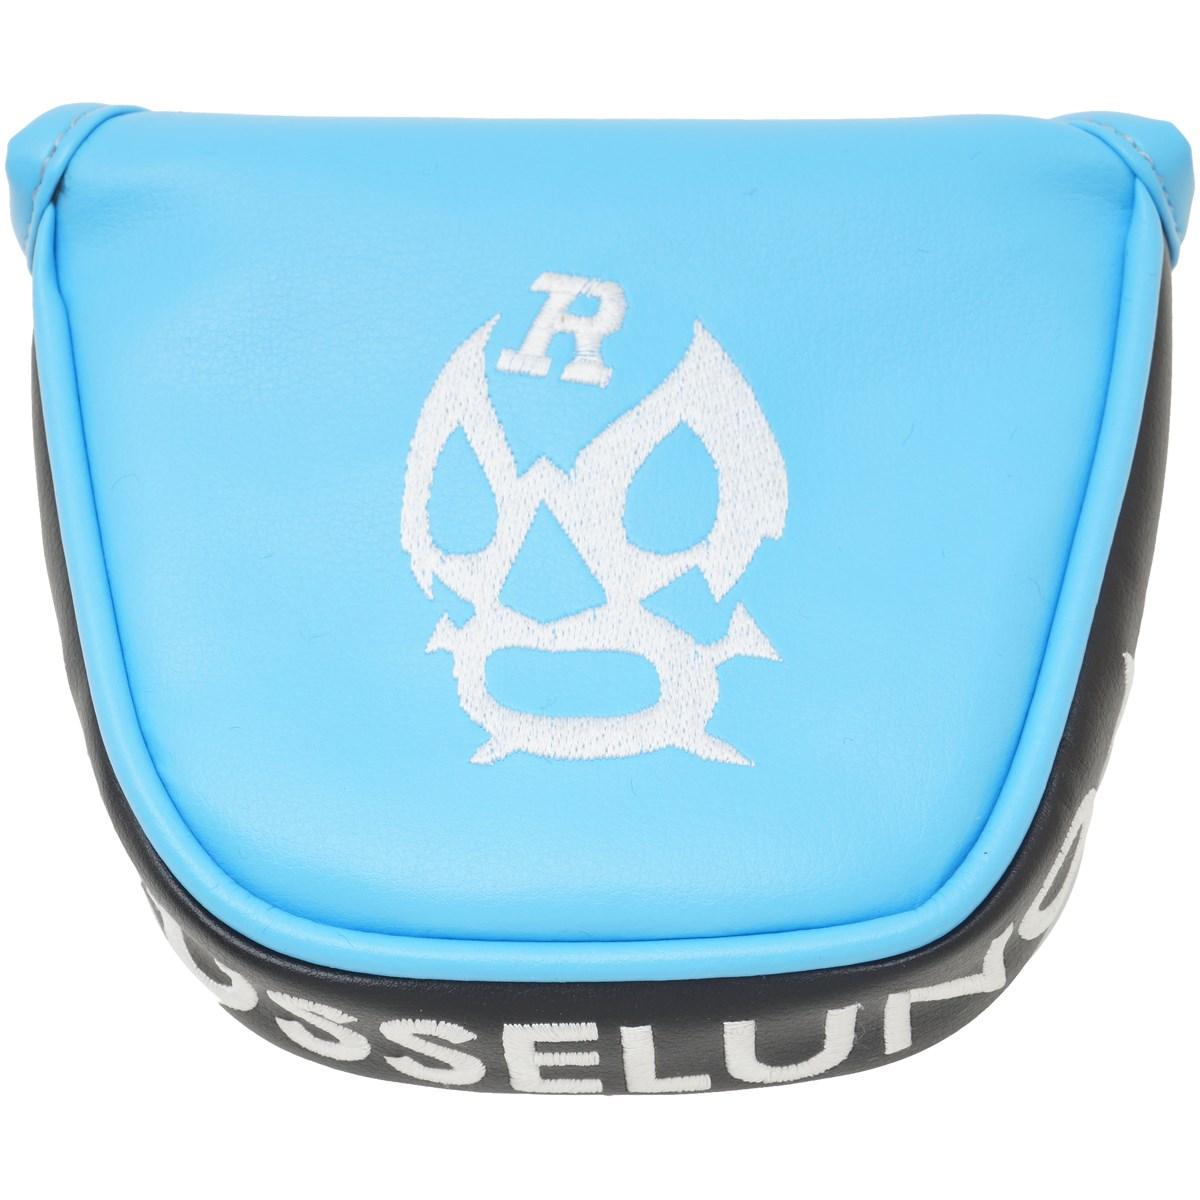 [アウトレット] [在庫限りのお買い得商品] ラッセルノ RUSSELUNO パターカバー ブルー メンズ ゴルフ